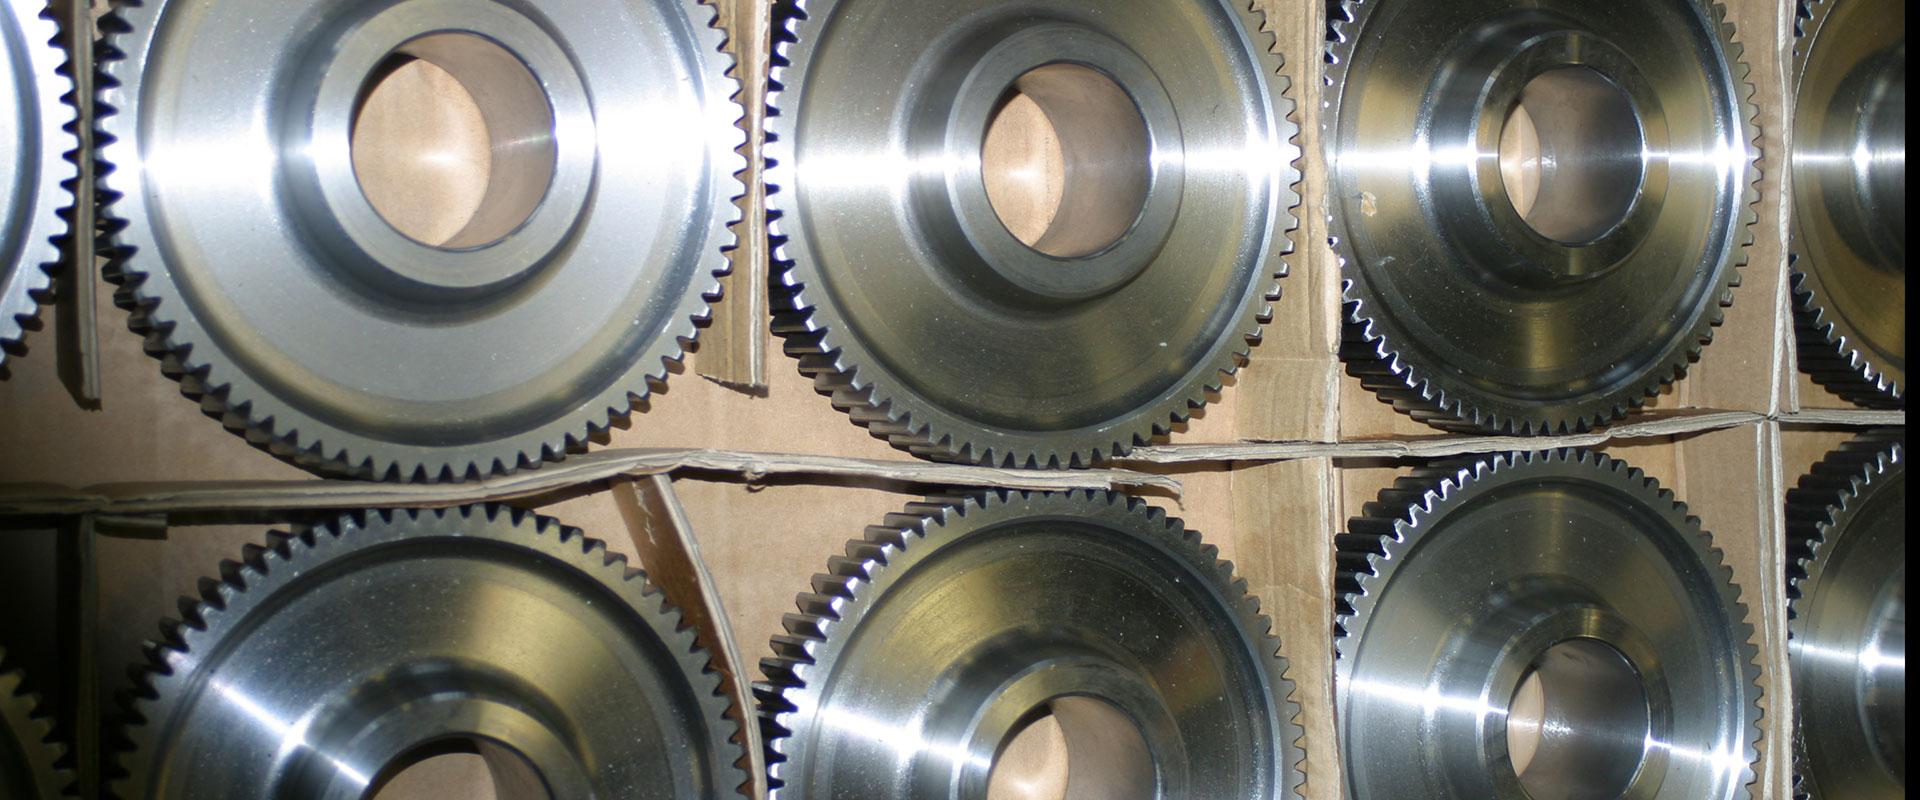 Maschinenbau Mundil